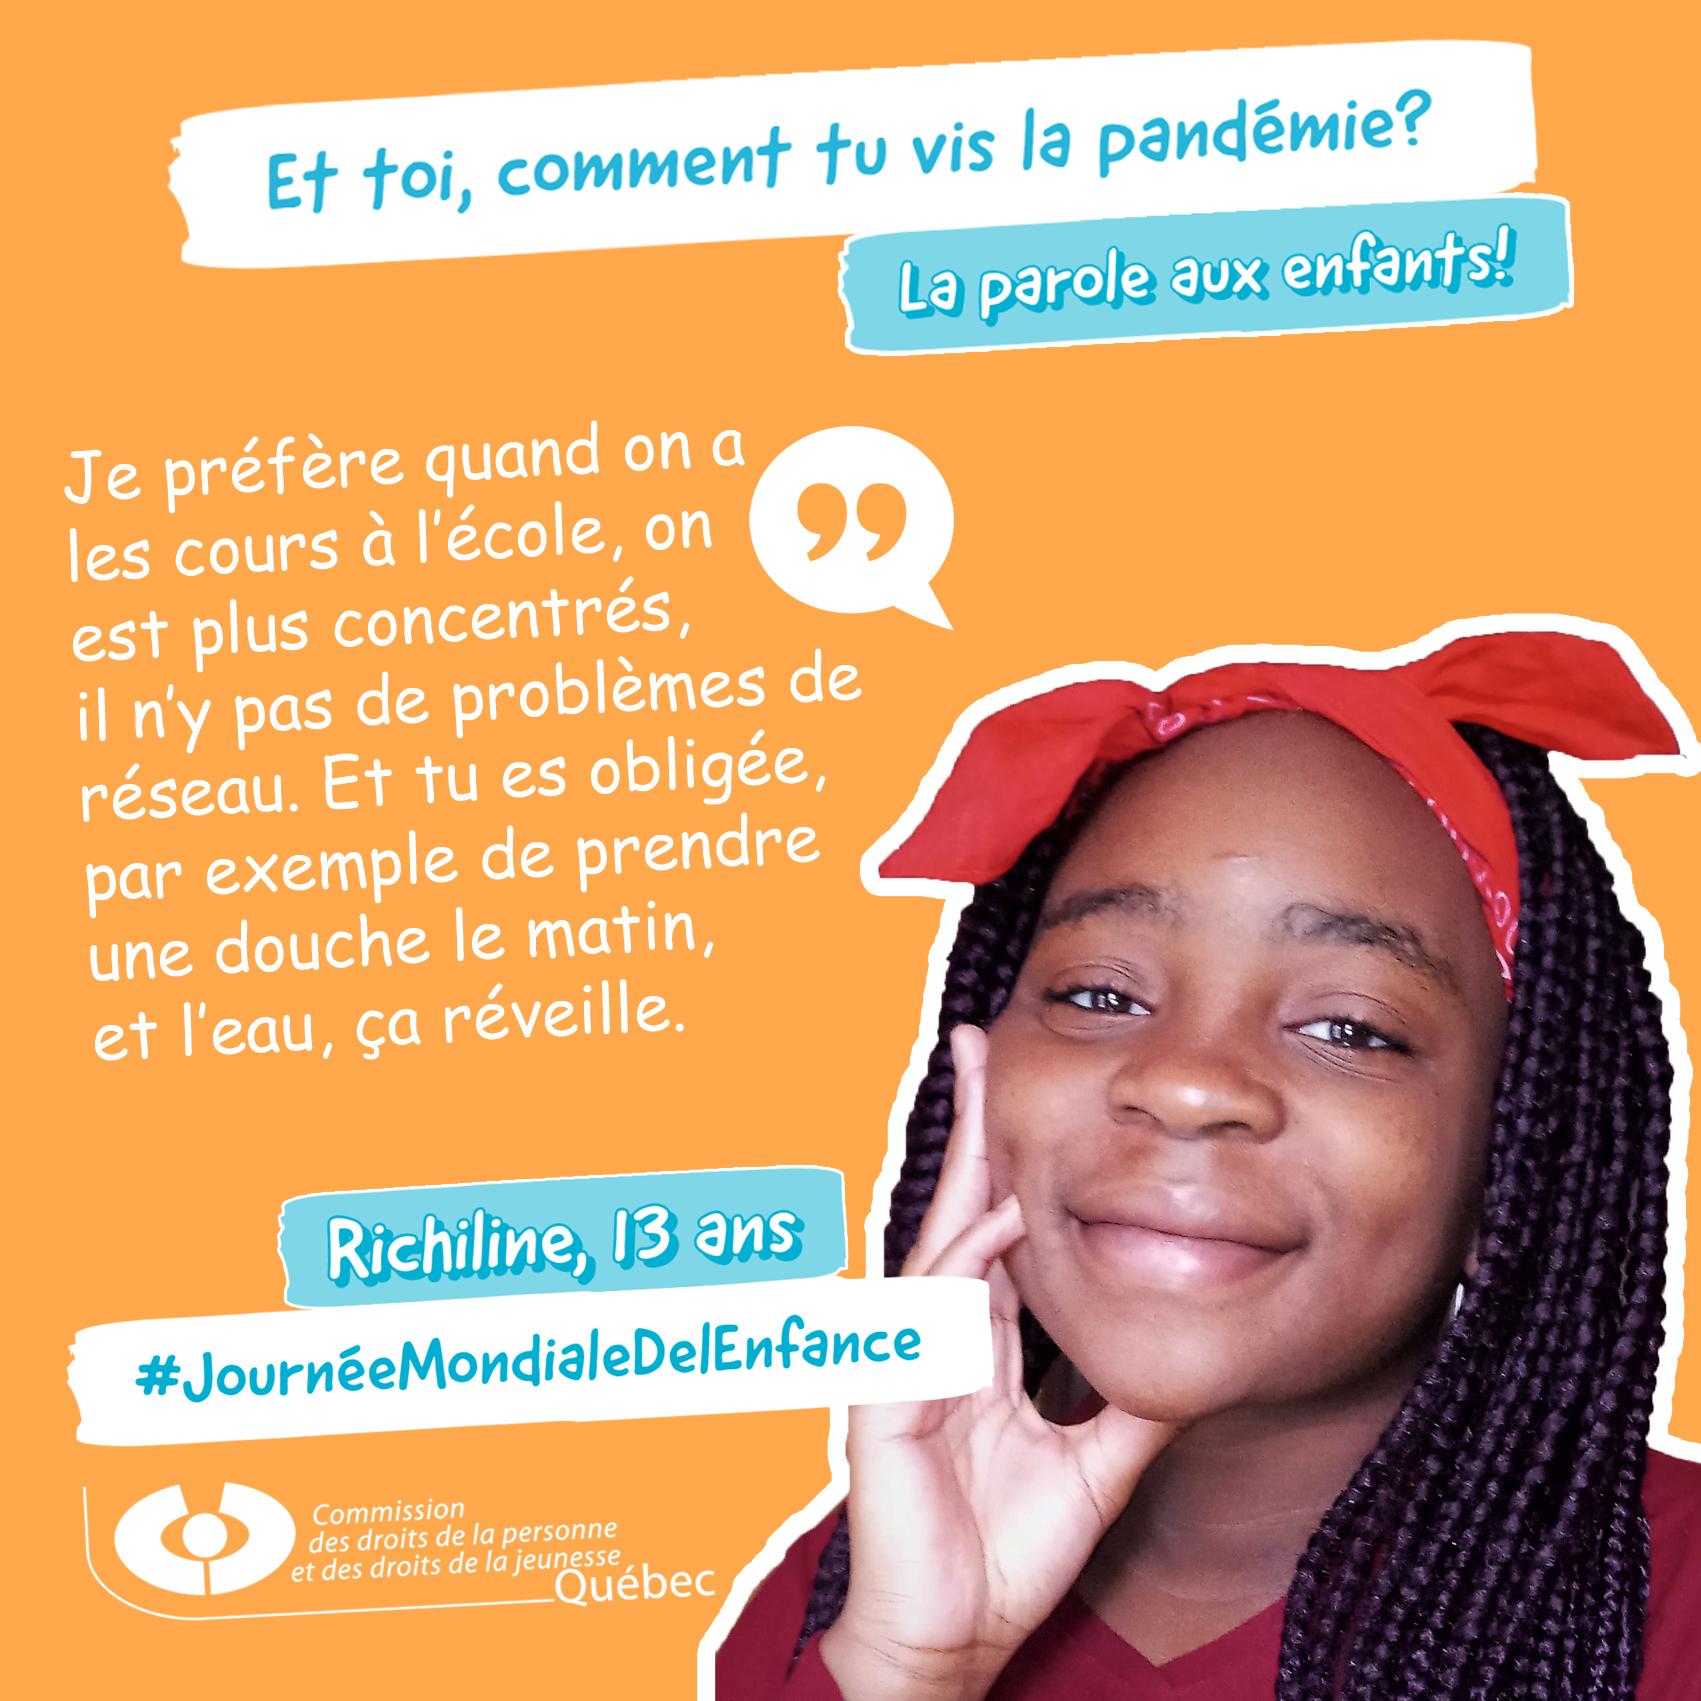 Photo et citation de Richiline qui répond à la question Et toi, comment tu vis la pandémie?